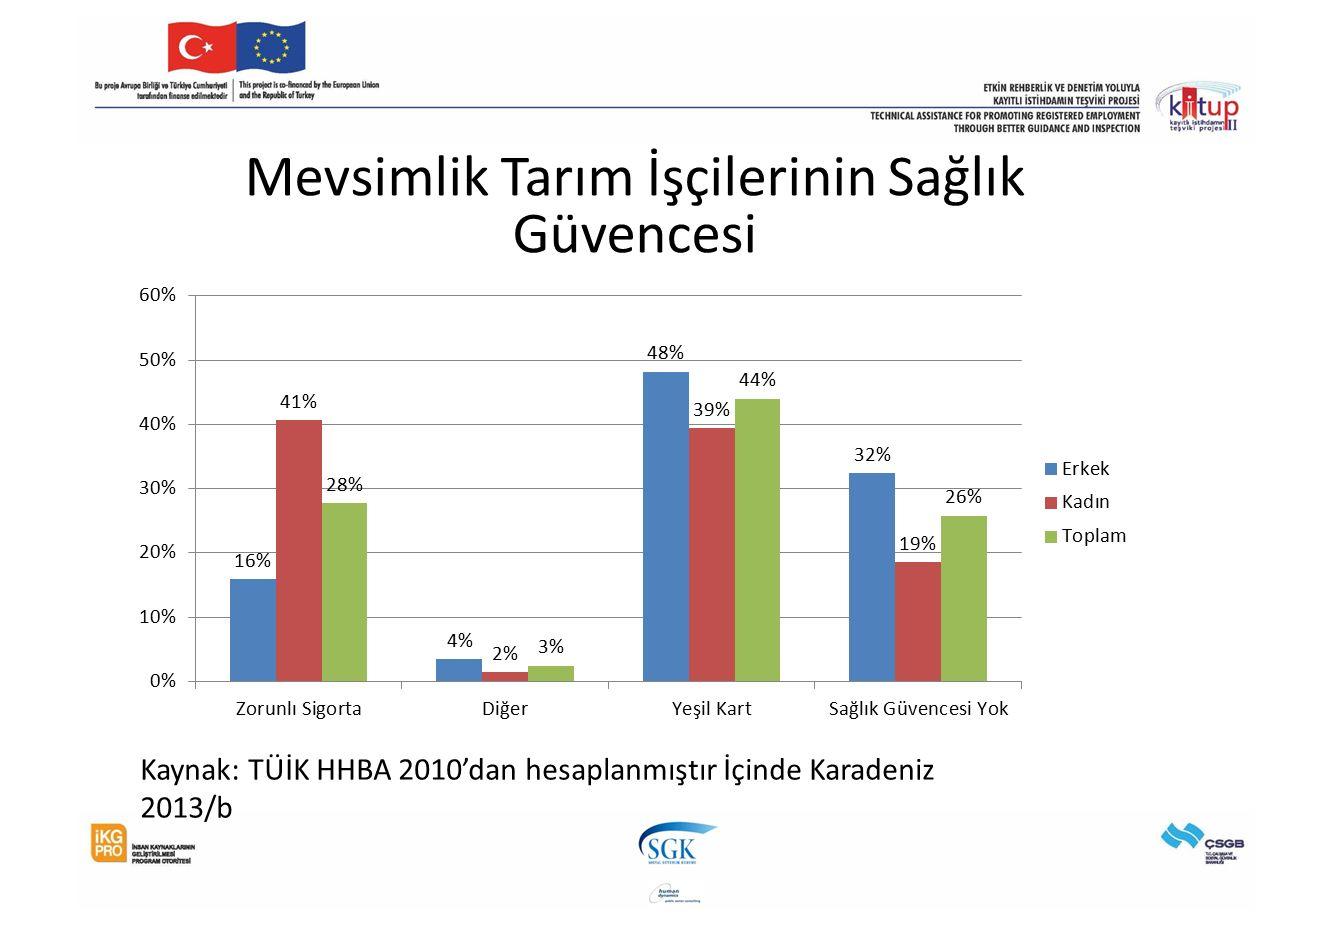 Mevsimlik Tarım İşçilerinin Sağlık Güvencesi Kaynak: TÜİK HHBA 2010'dan hesaplanmıştır İçinde Karadeniz 2013/b